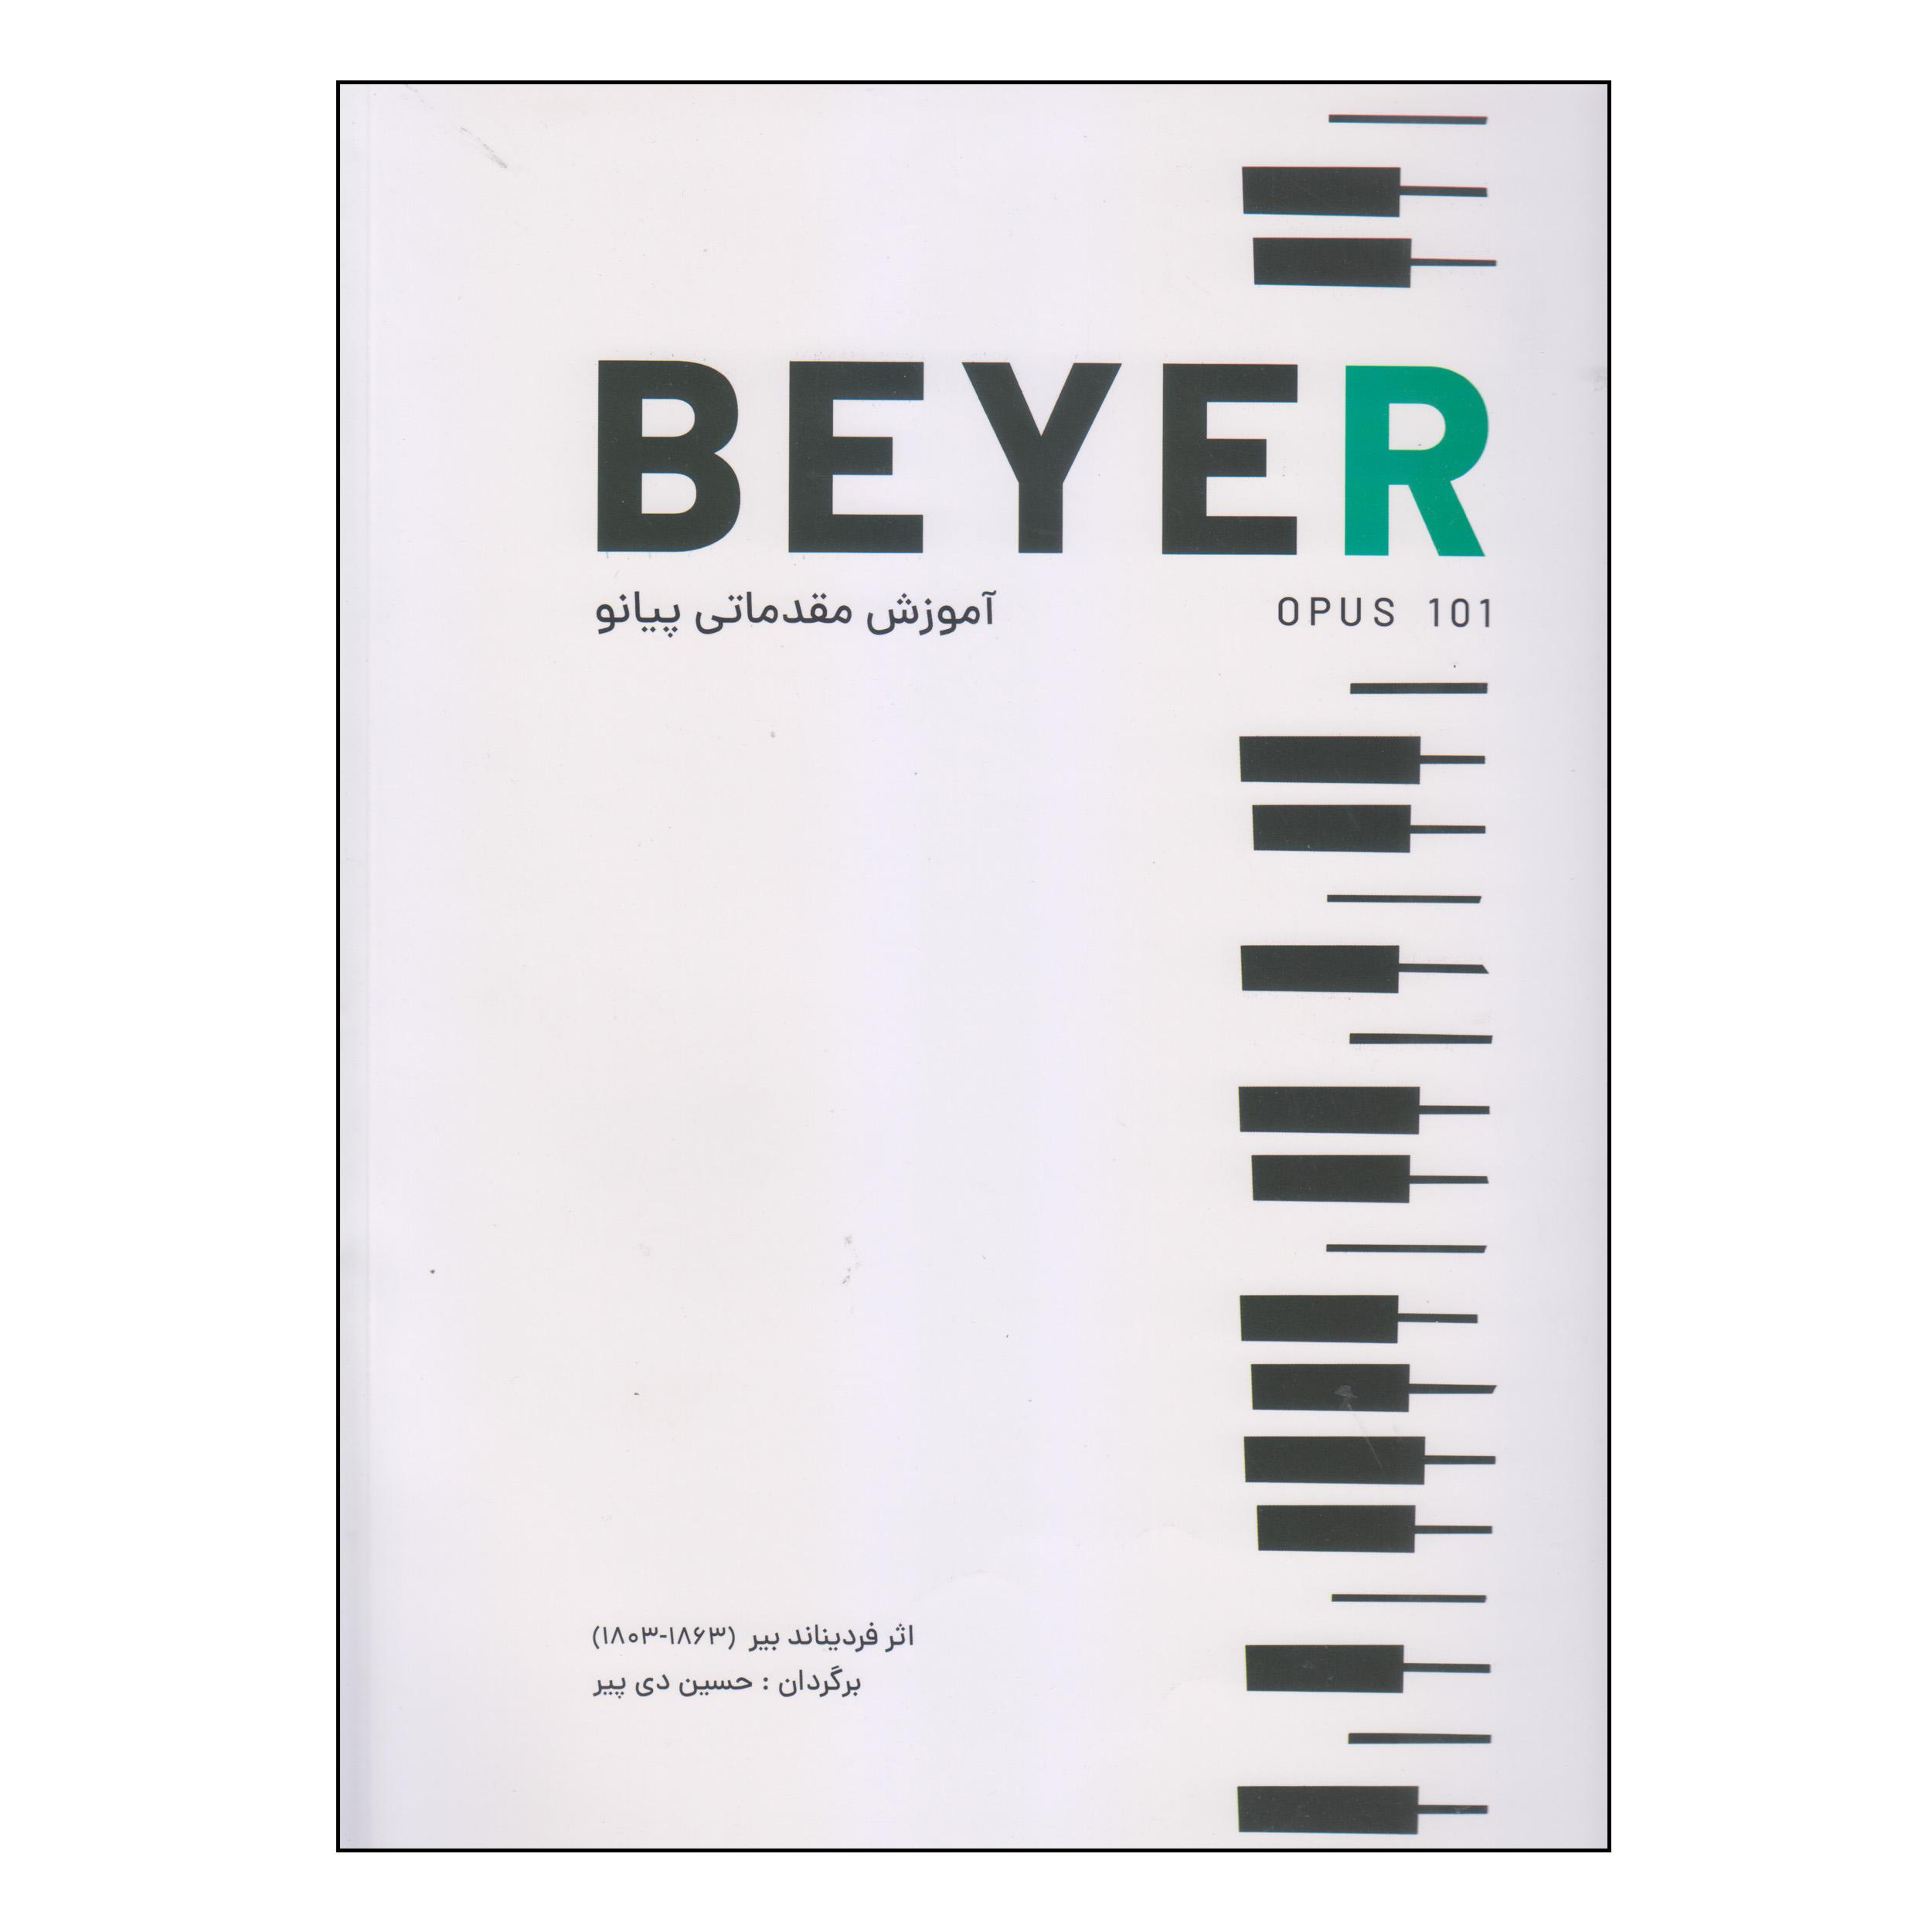 خرید                      کتاب آموزش مقدماتی پیانو beyer اثر فردیناند بیر انتشارات کتاب نارون